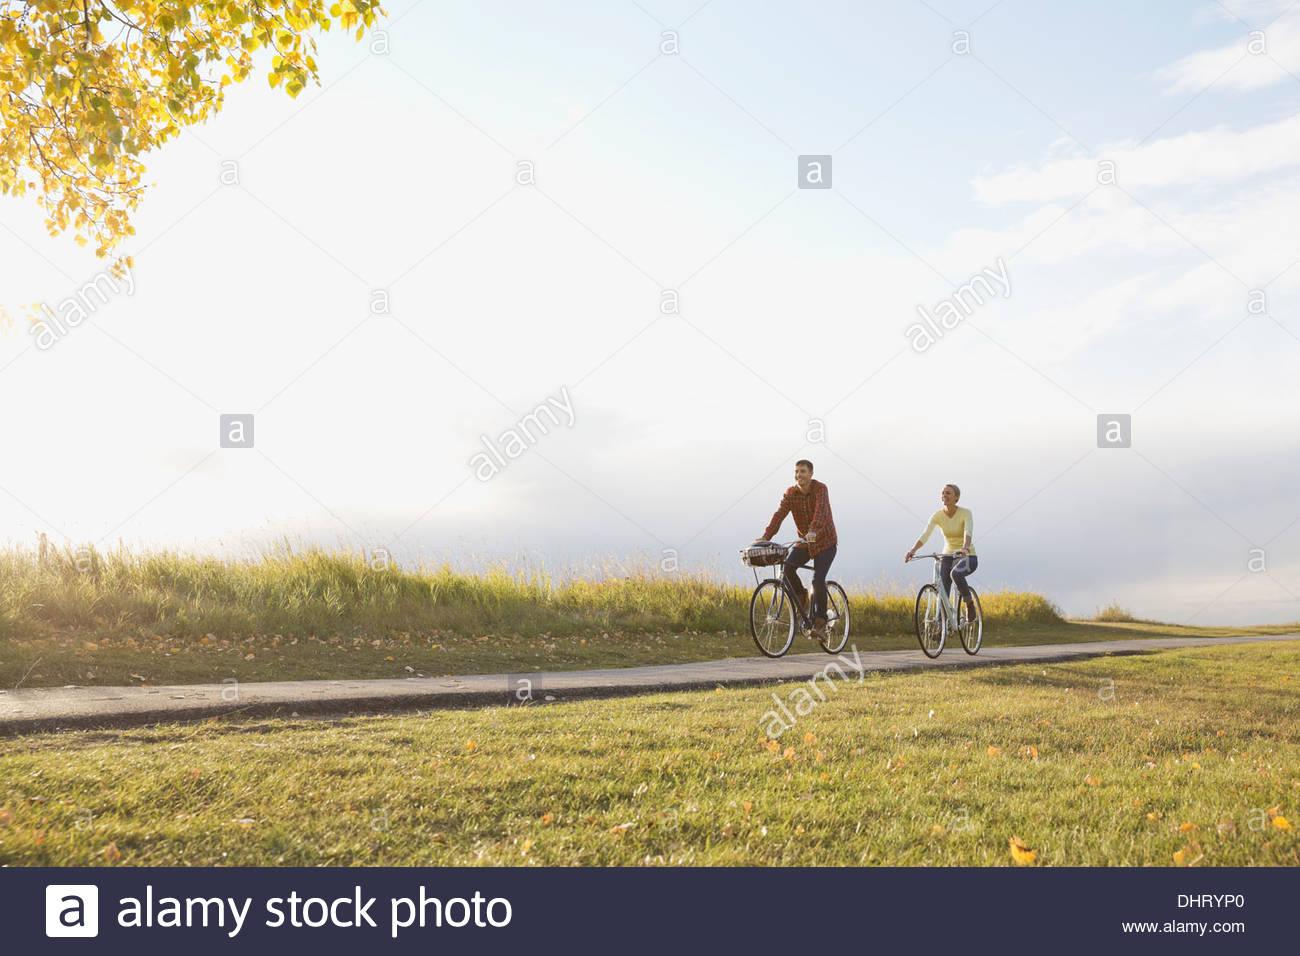 Toute la longueur du couple à vélo sur route de campagne Photo Stock